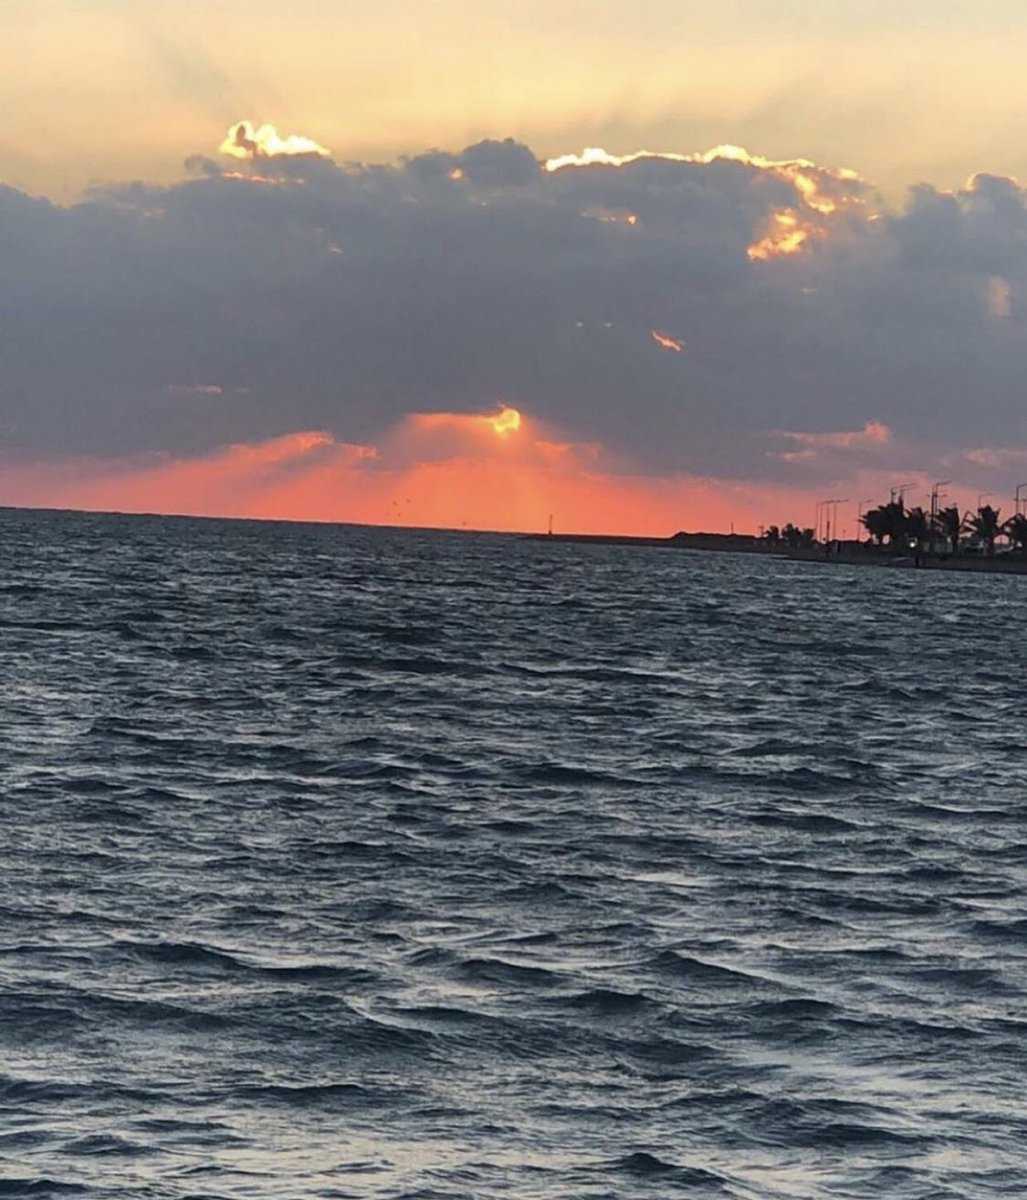 عبارات جميلة كلام عن البحر تويتر